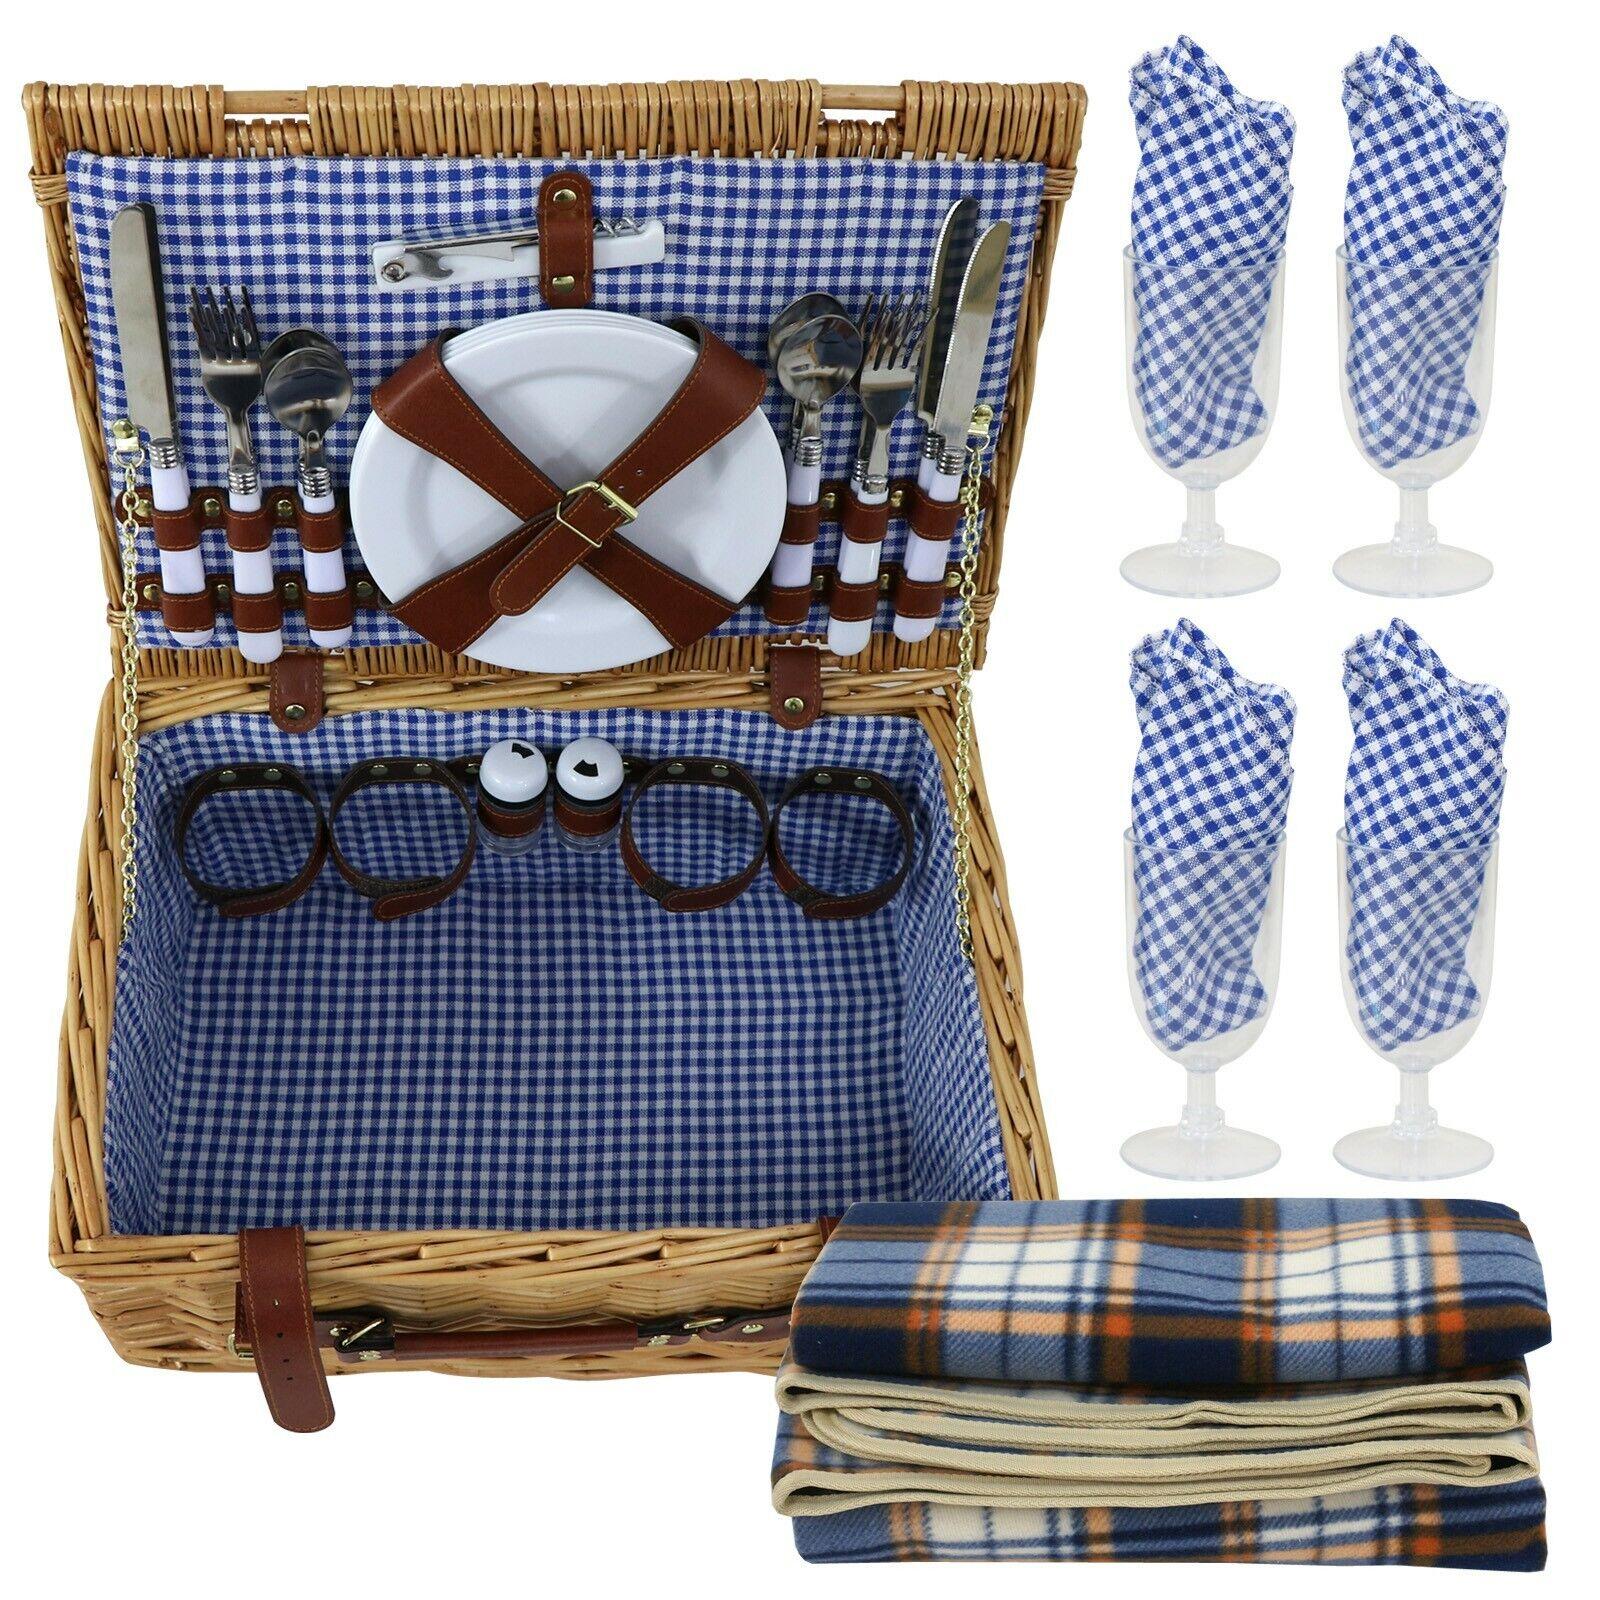 Gran cesta de Picnic Campamento Familia De Jugara Vintage 4 persona Mimbre Set W cutlery